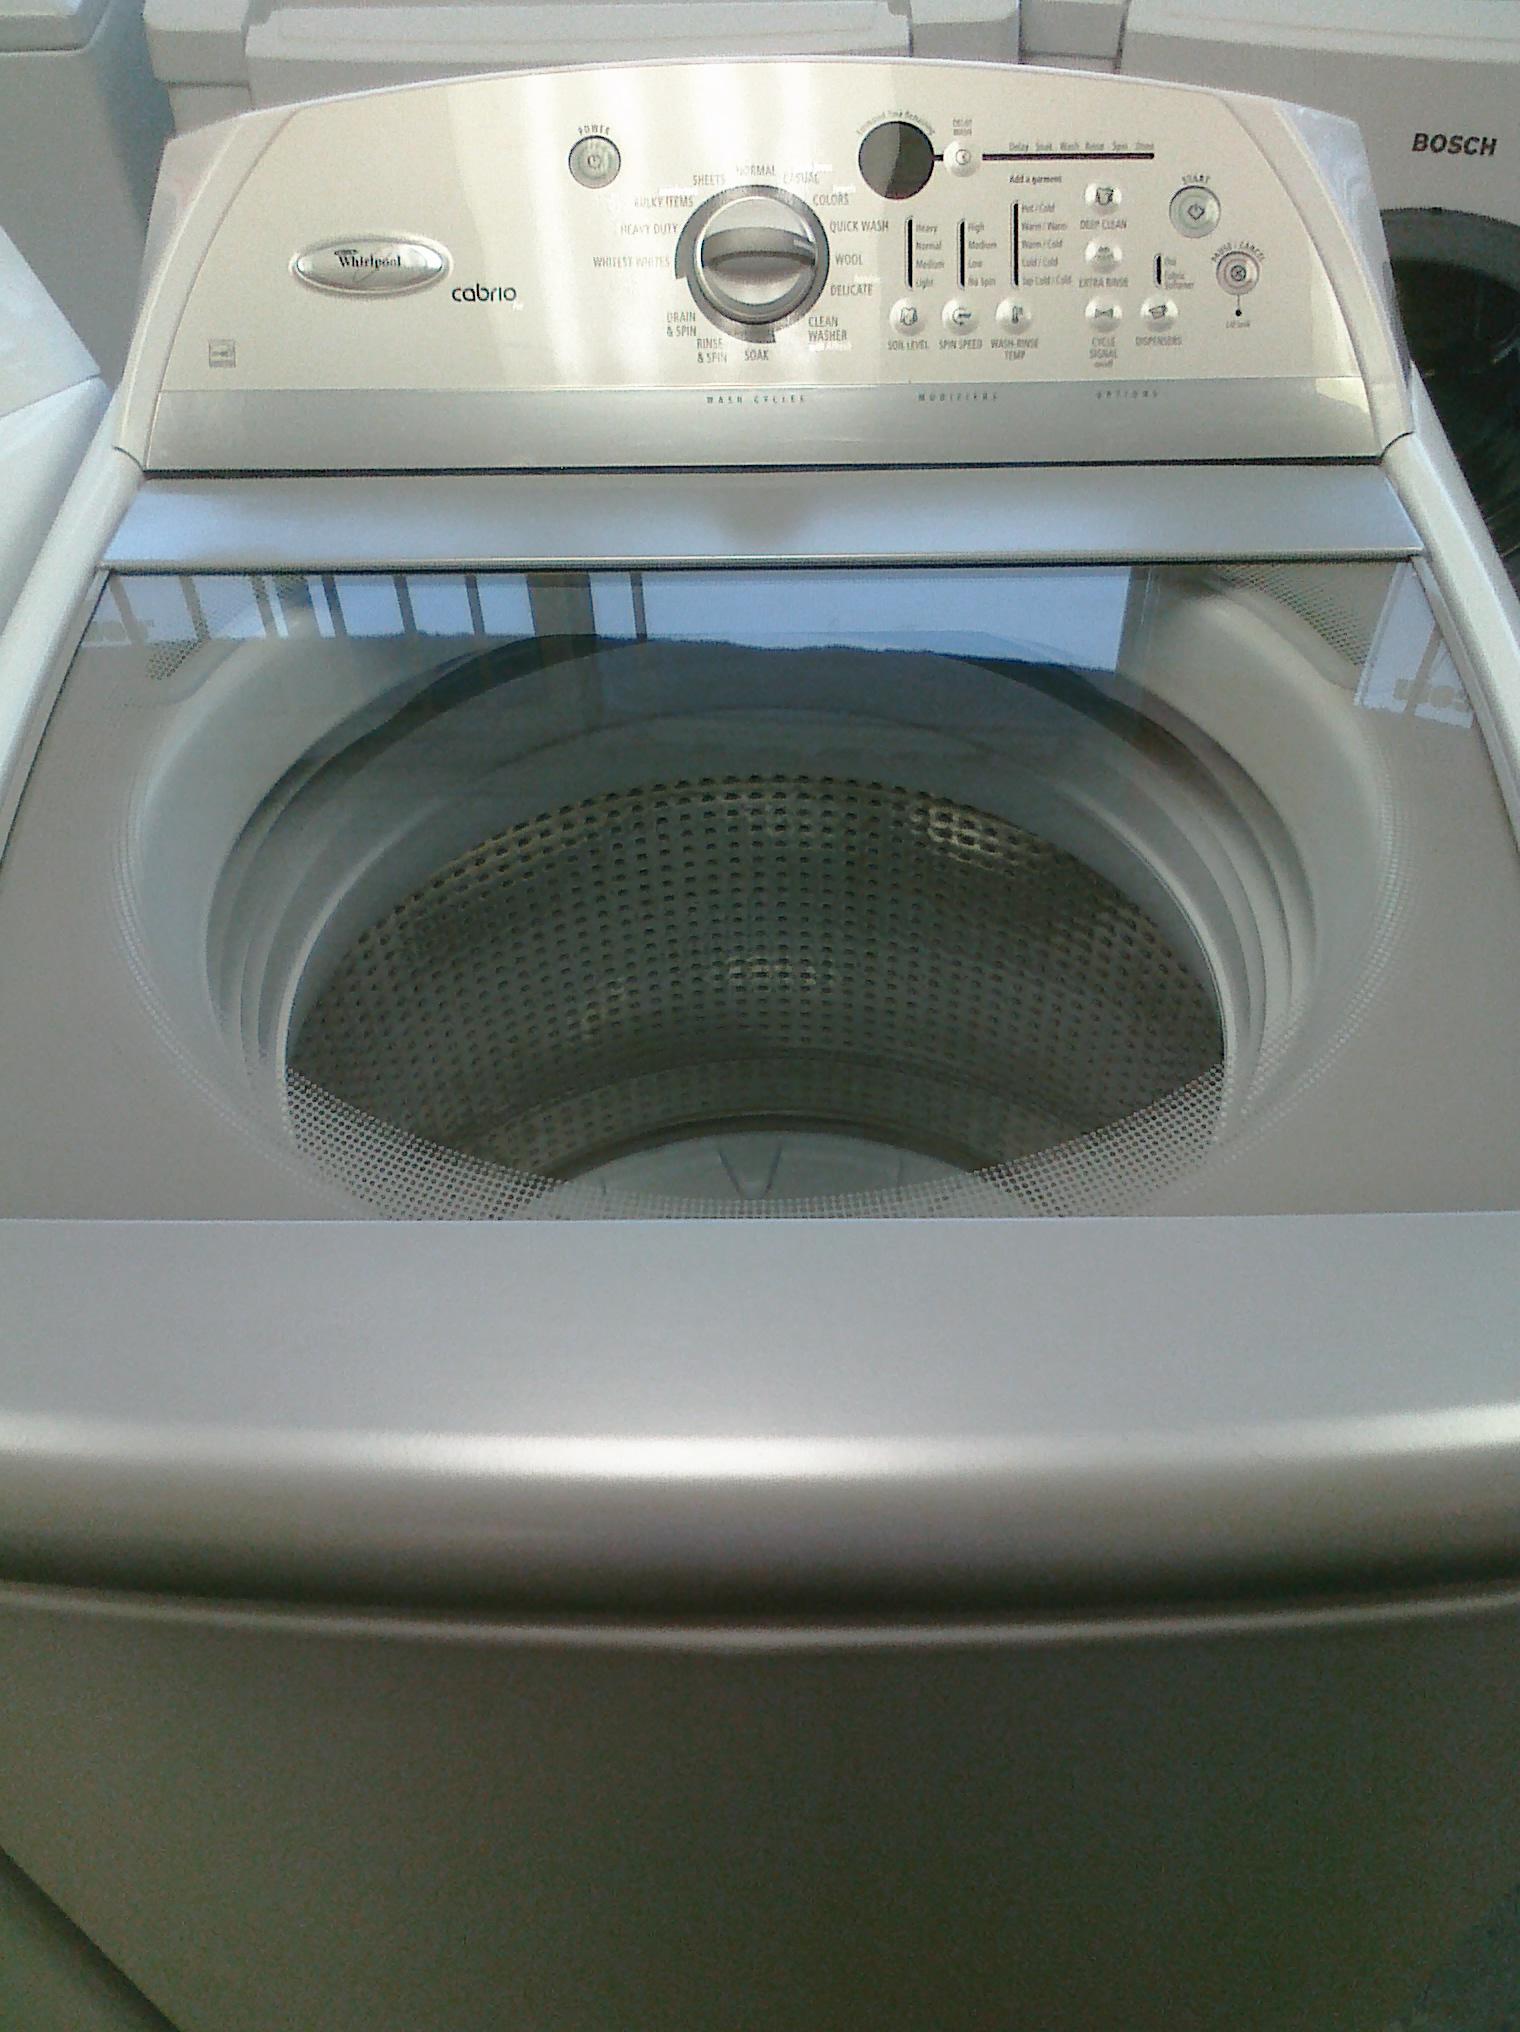 Whirlpool WTW6800WW